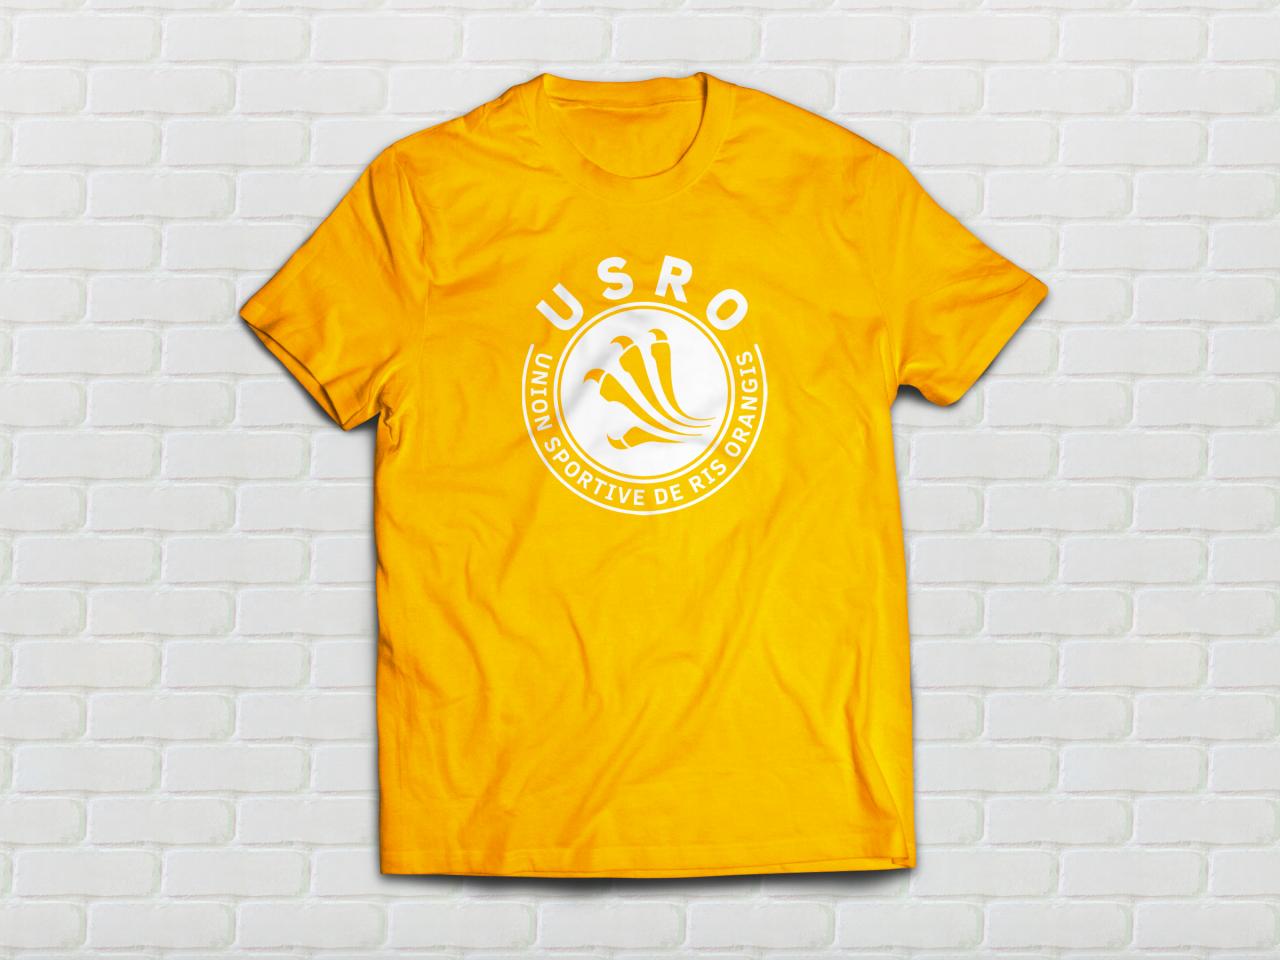 Tshirt Mesh Orange